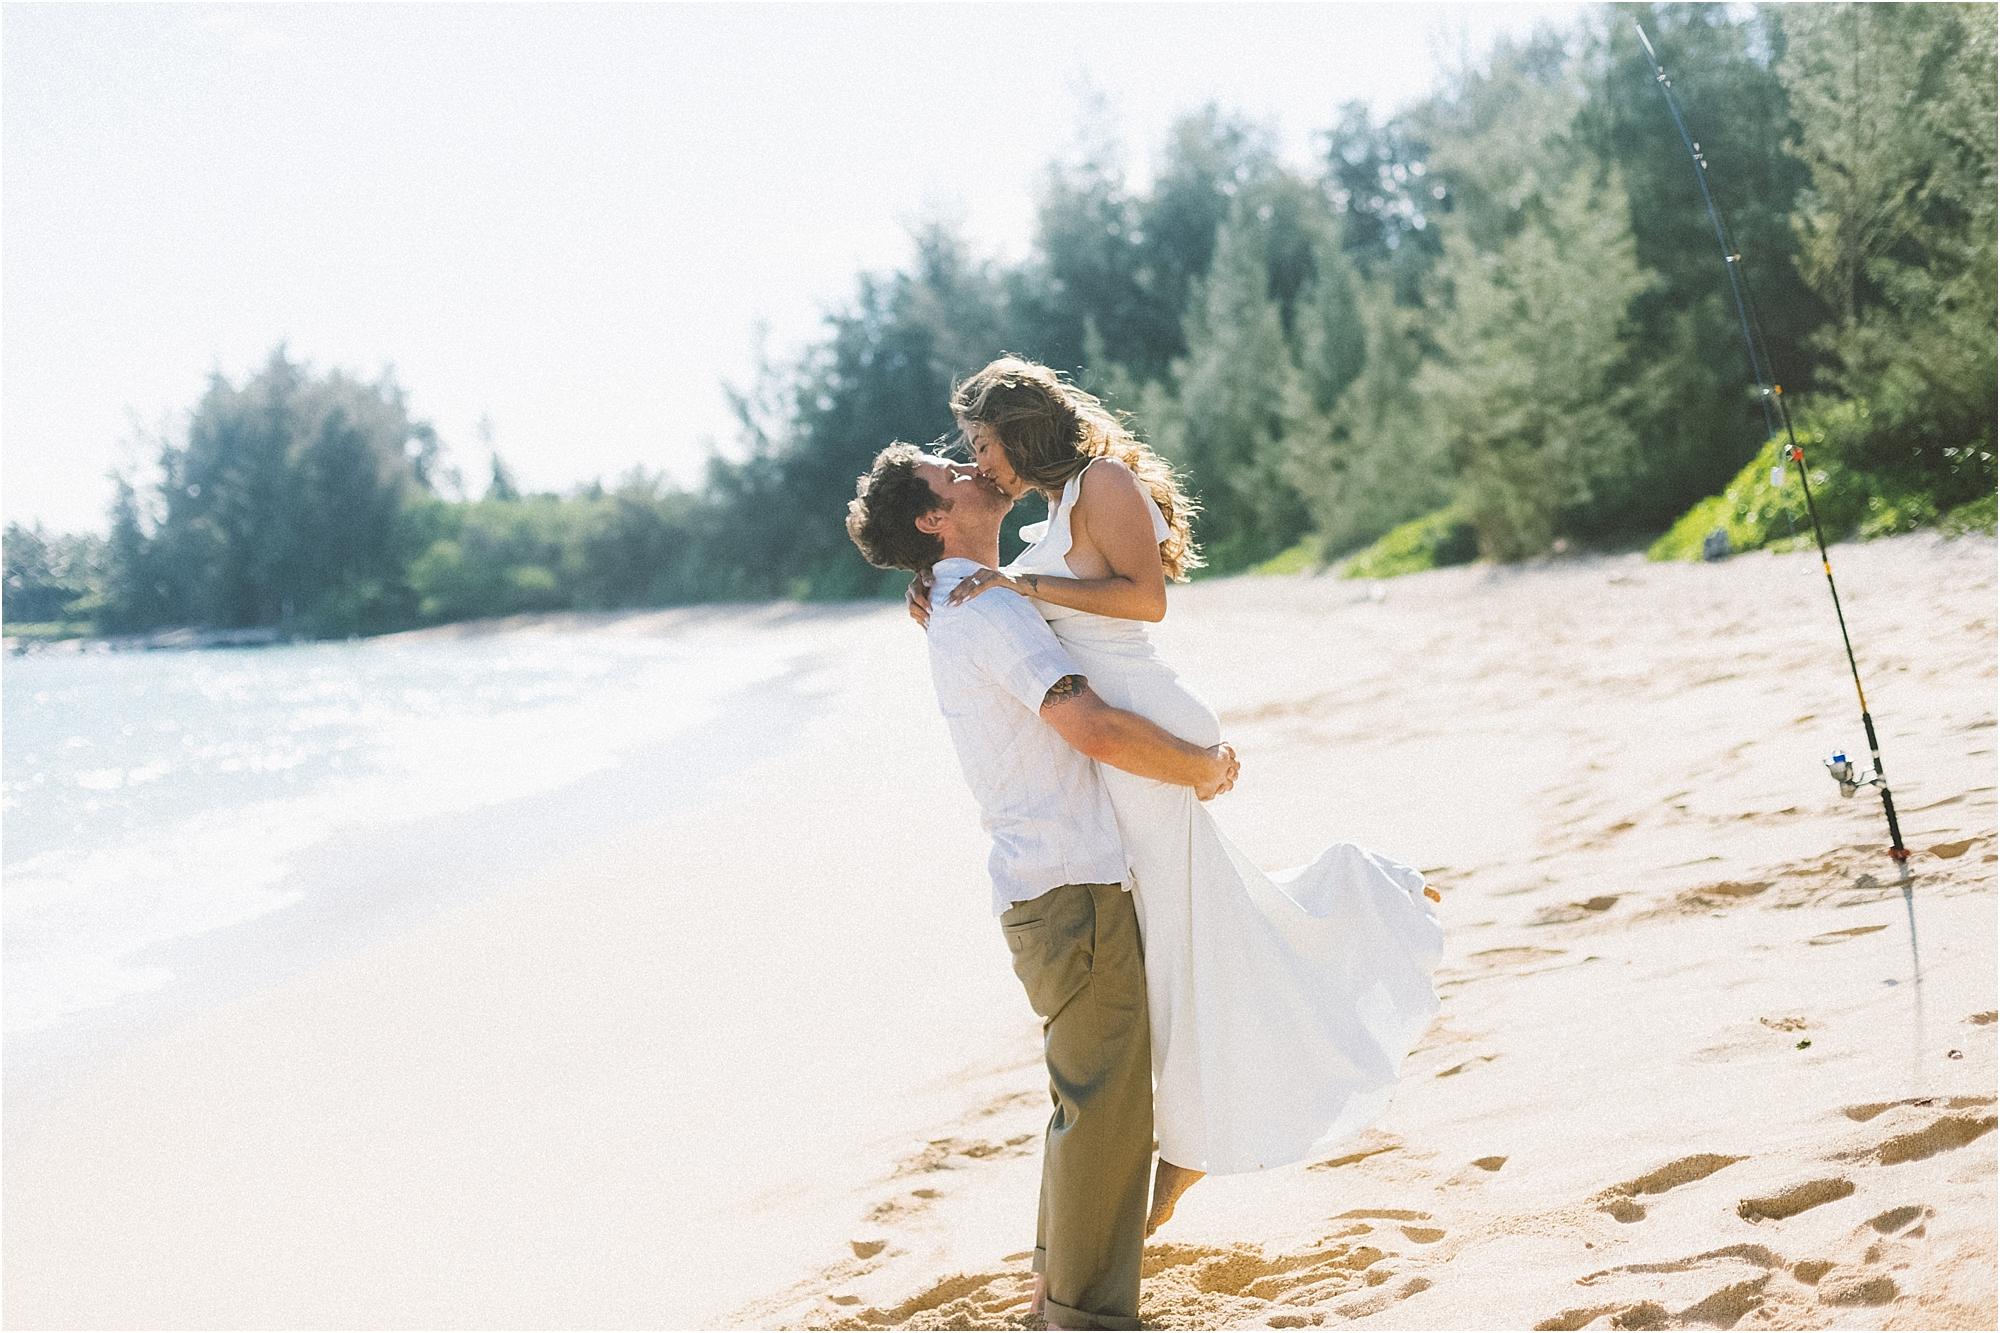 angie-diaz-photography-maui-honeymoon-photographer_0015.jpg